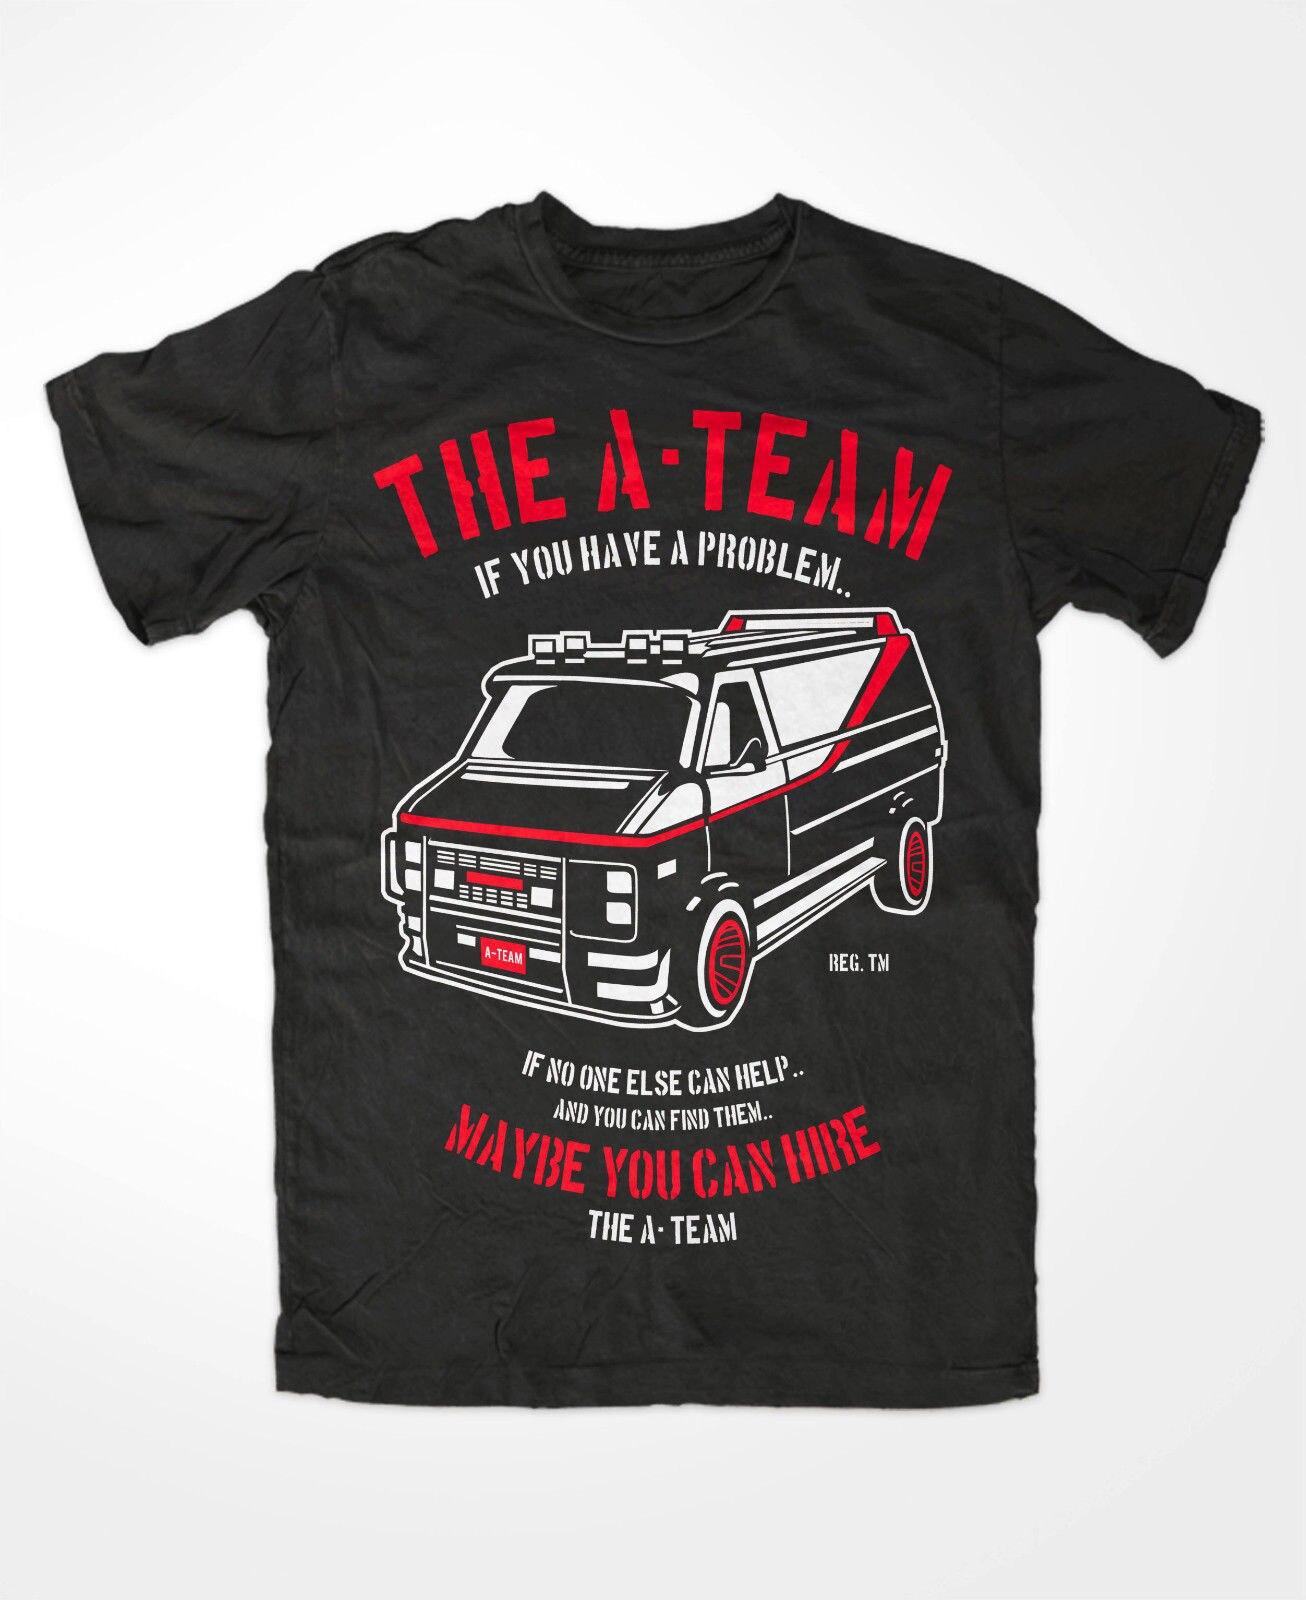 T-Shirtr Novelty Cartoon T Shirt The A-TEAM Auto Car T-Shirt FUN TV Serie Film Mr.T. Hannibal Murdock Face B.A. Movie Shirt